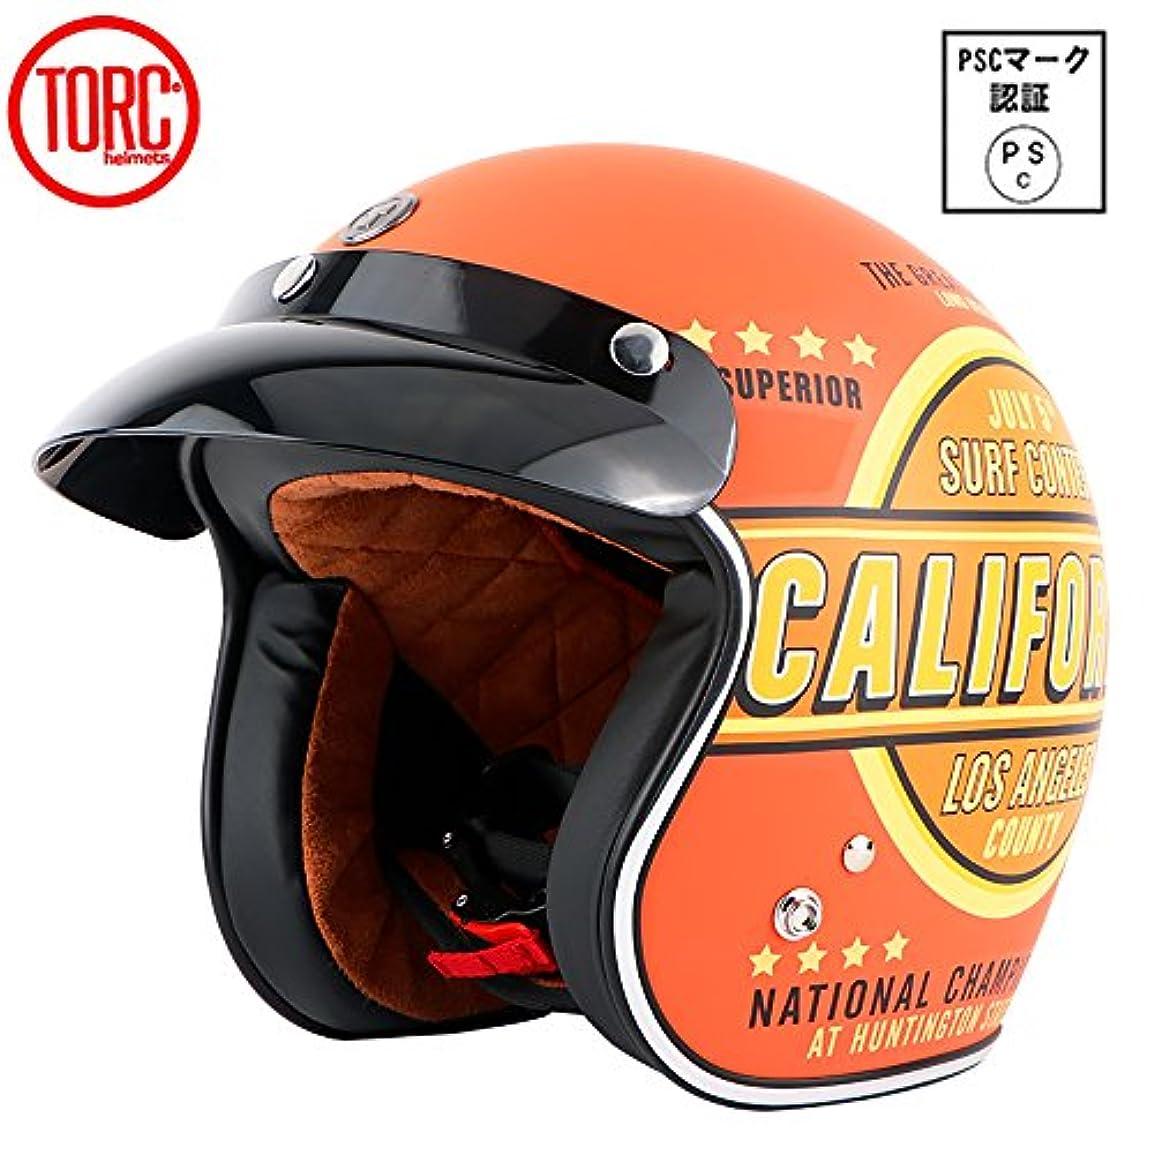 アレルギー性一時的プランターTORC T-50 ジェット ヘルメット バイクヘルメット 半キャン バイザー 共に23色 安全規格品PSC付 TYPEE32 (M(57-58cm))